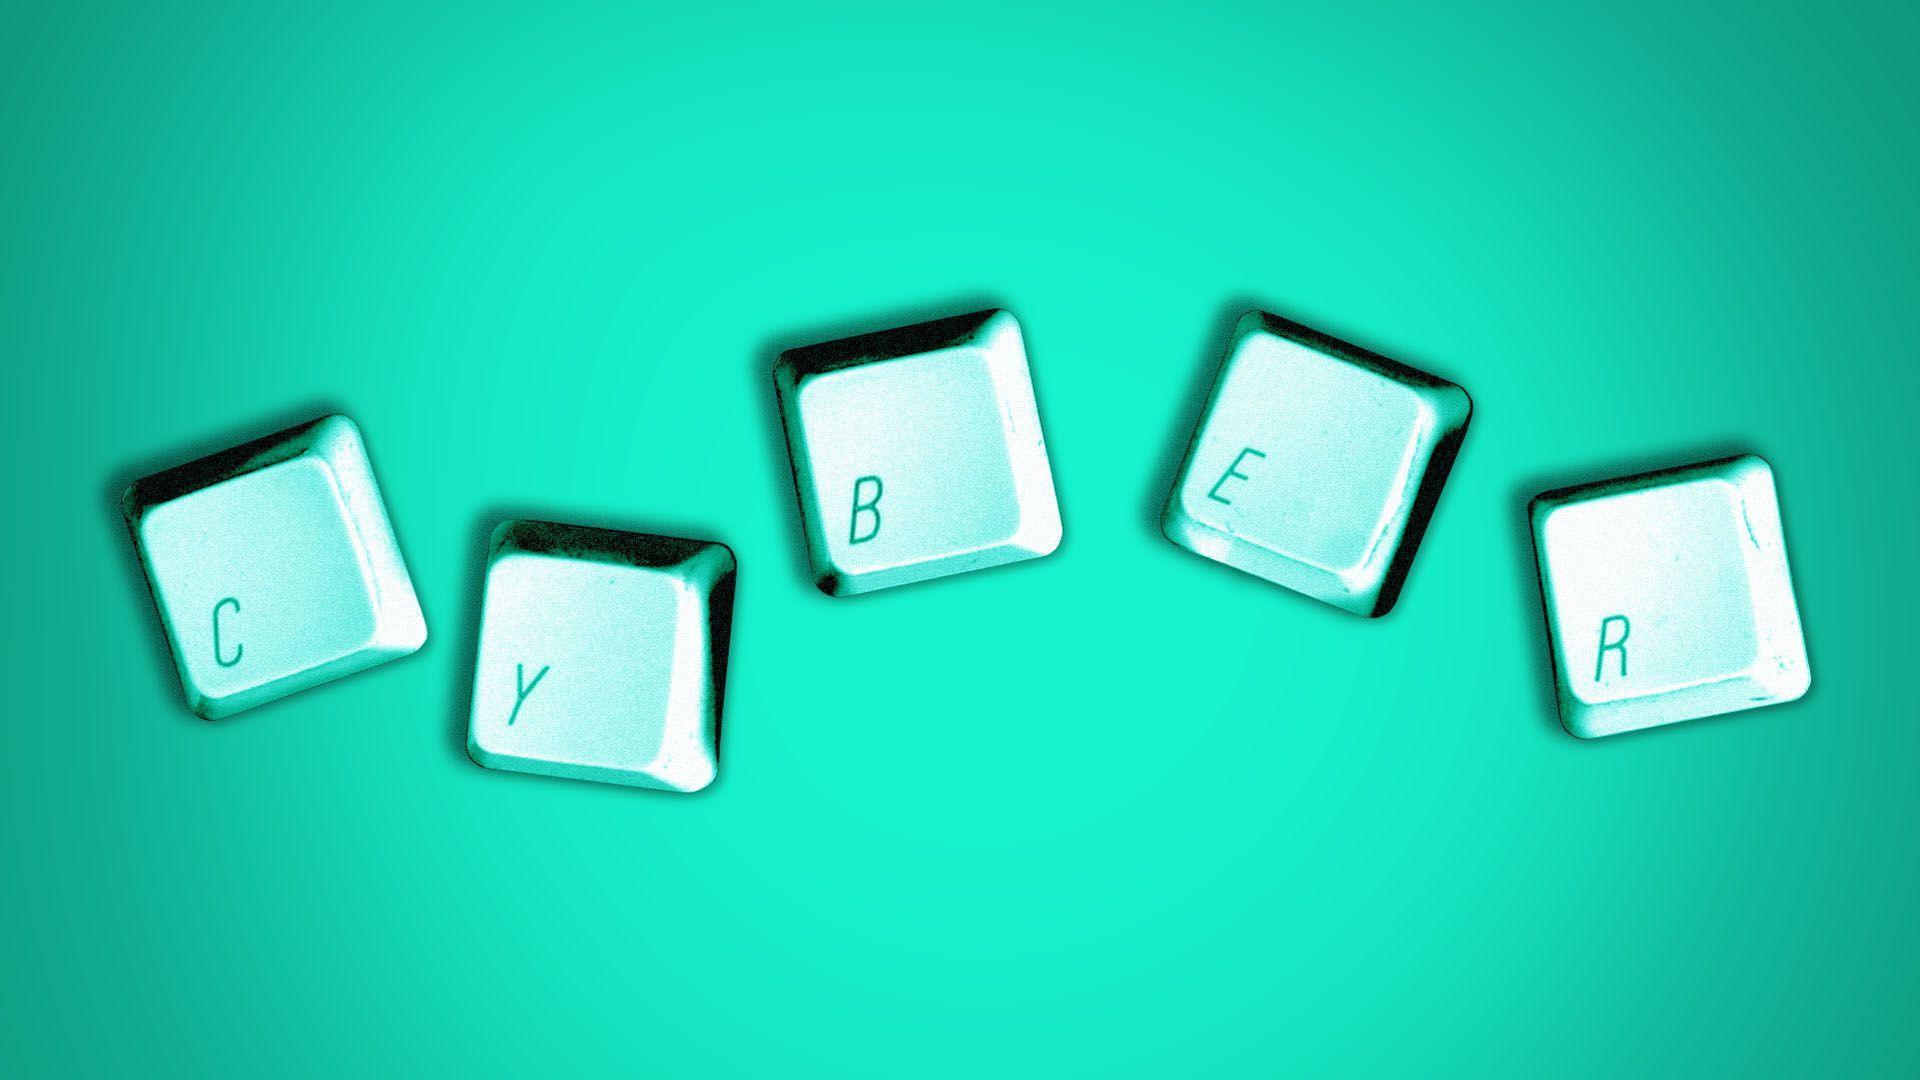 """Keys spelling out """"Cyber"""""""